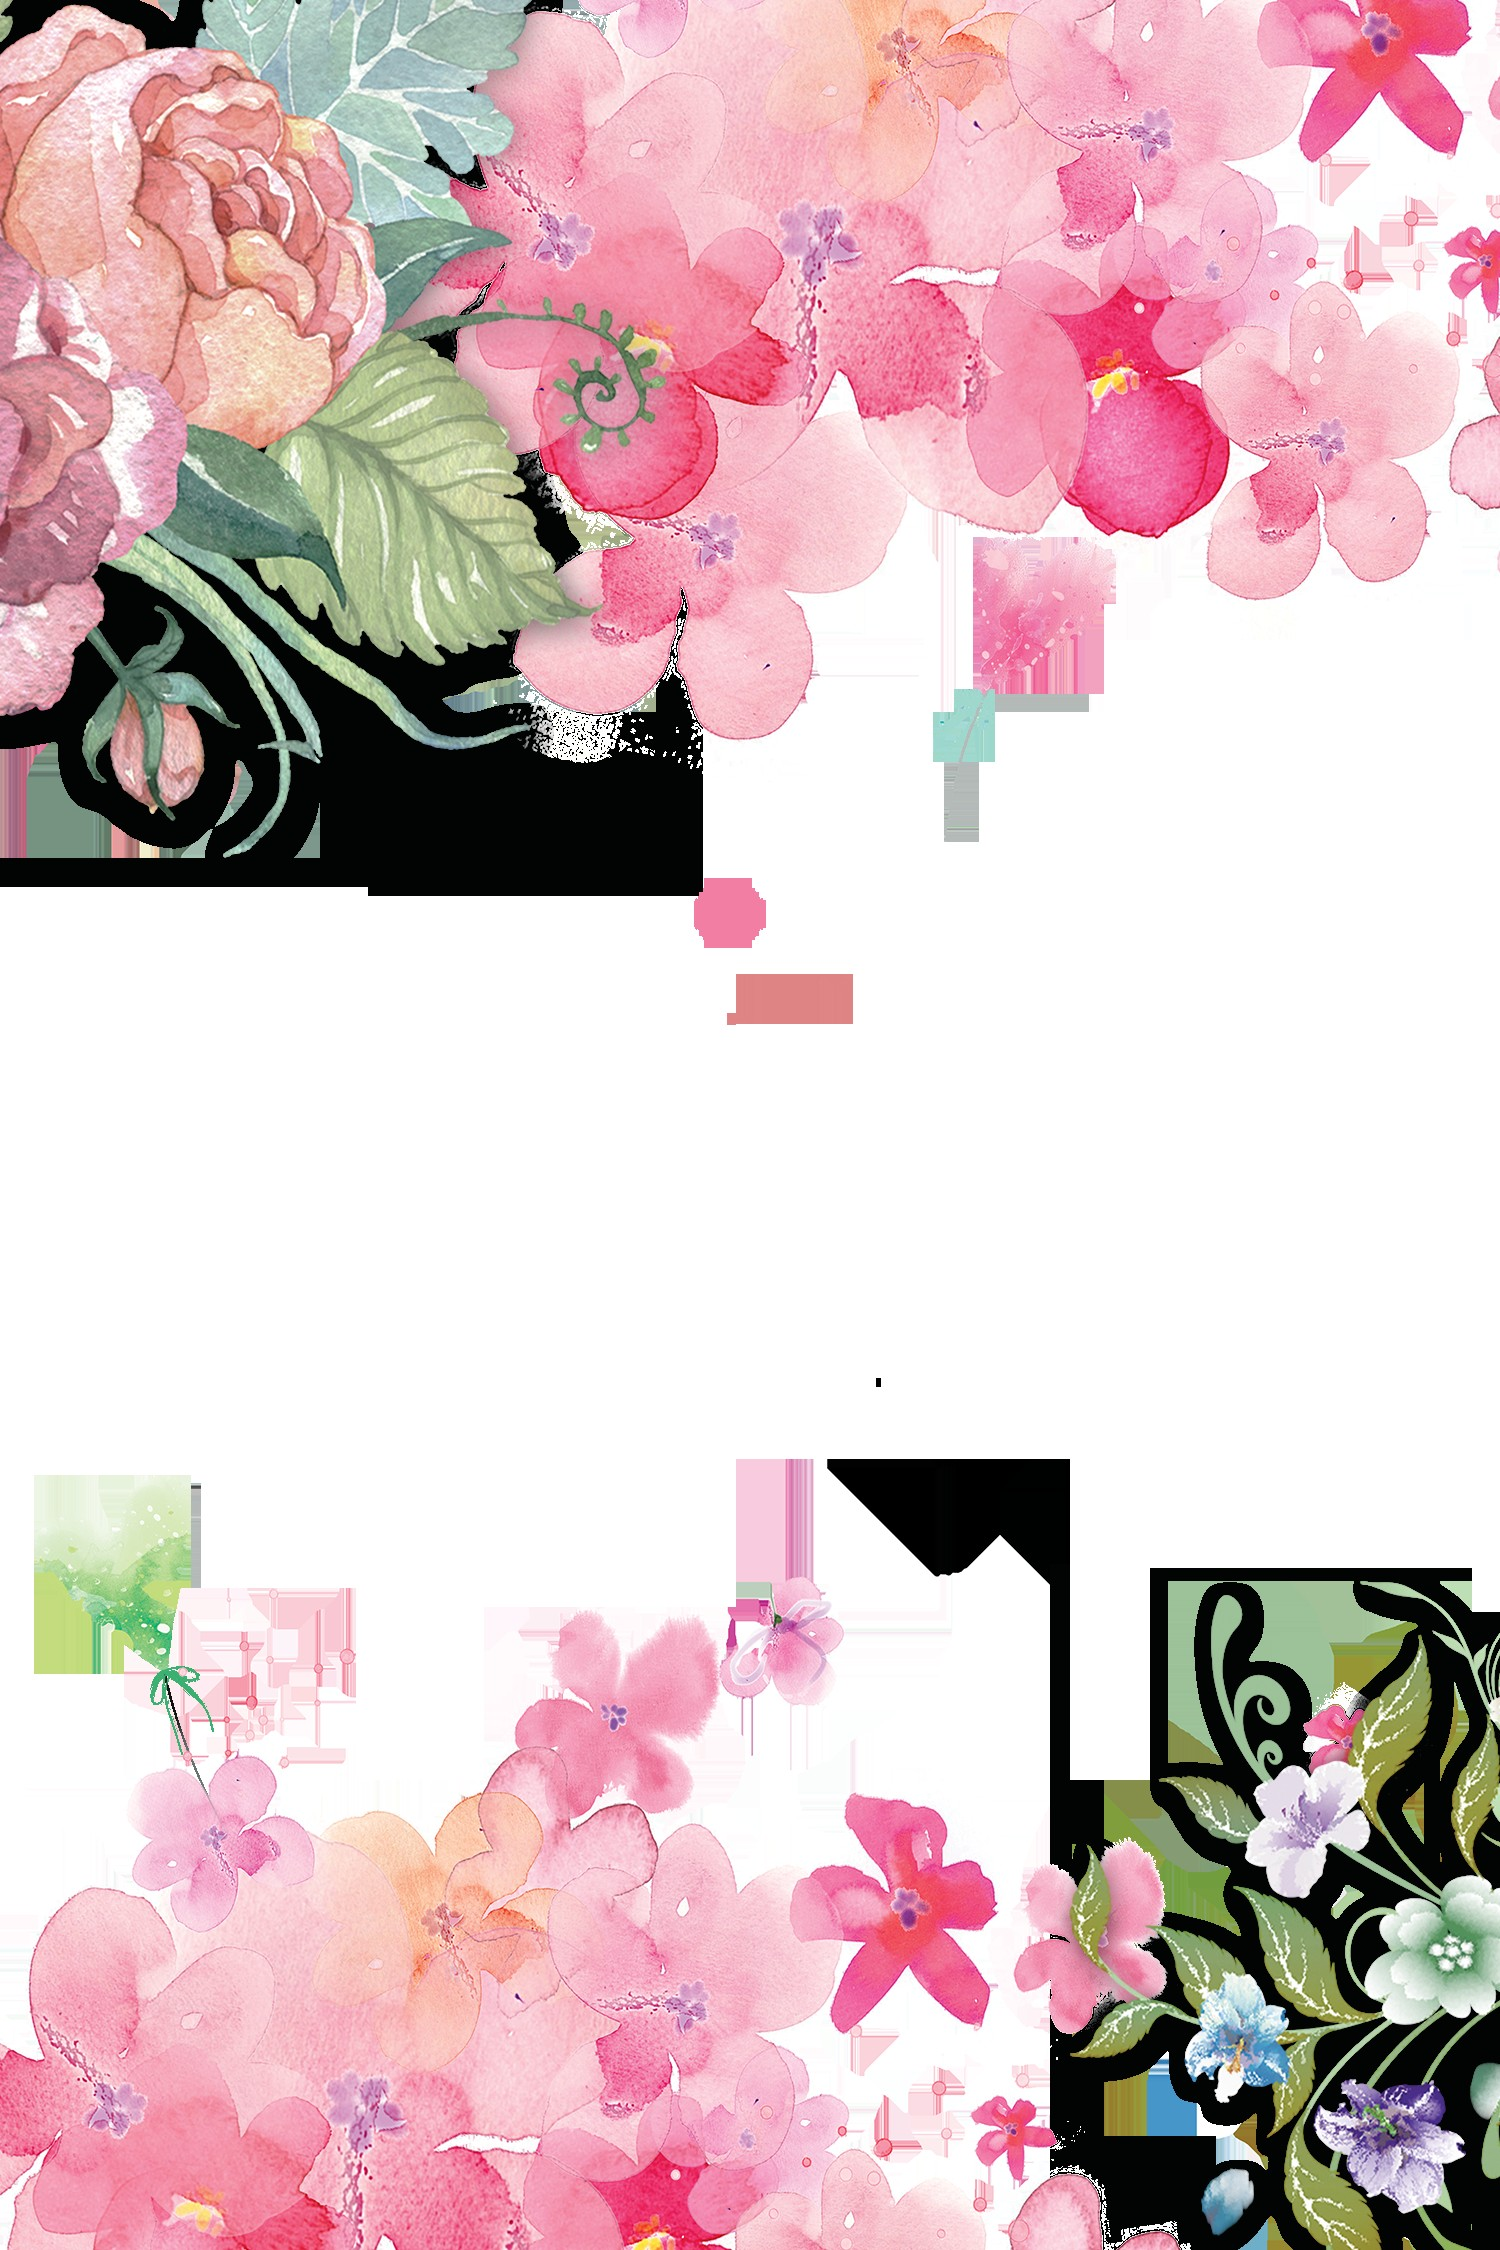 Watercolor Flowers sombreado